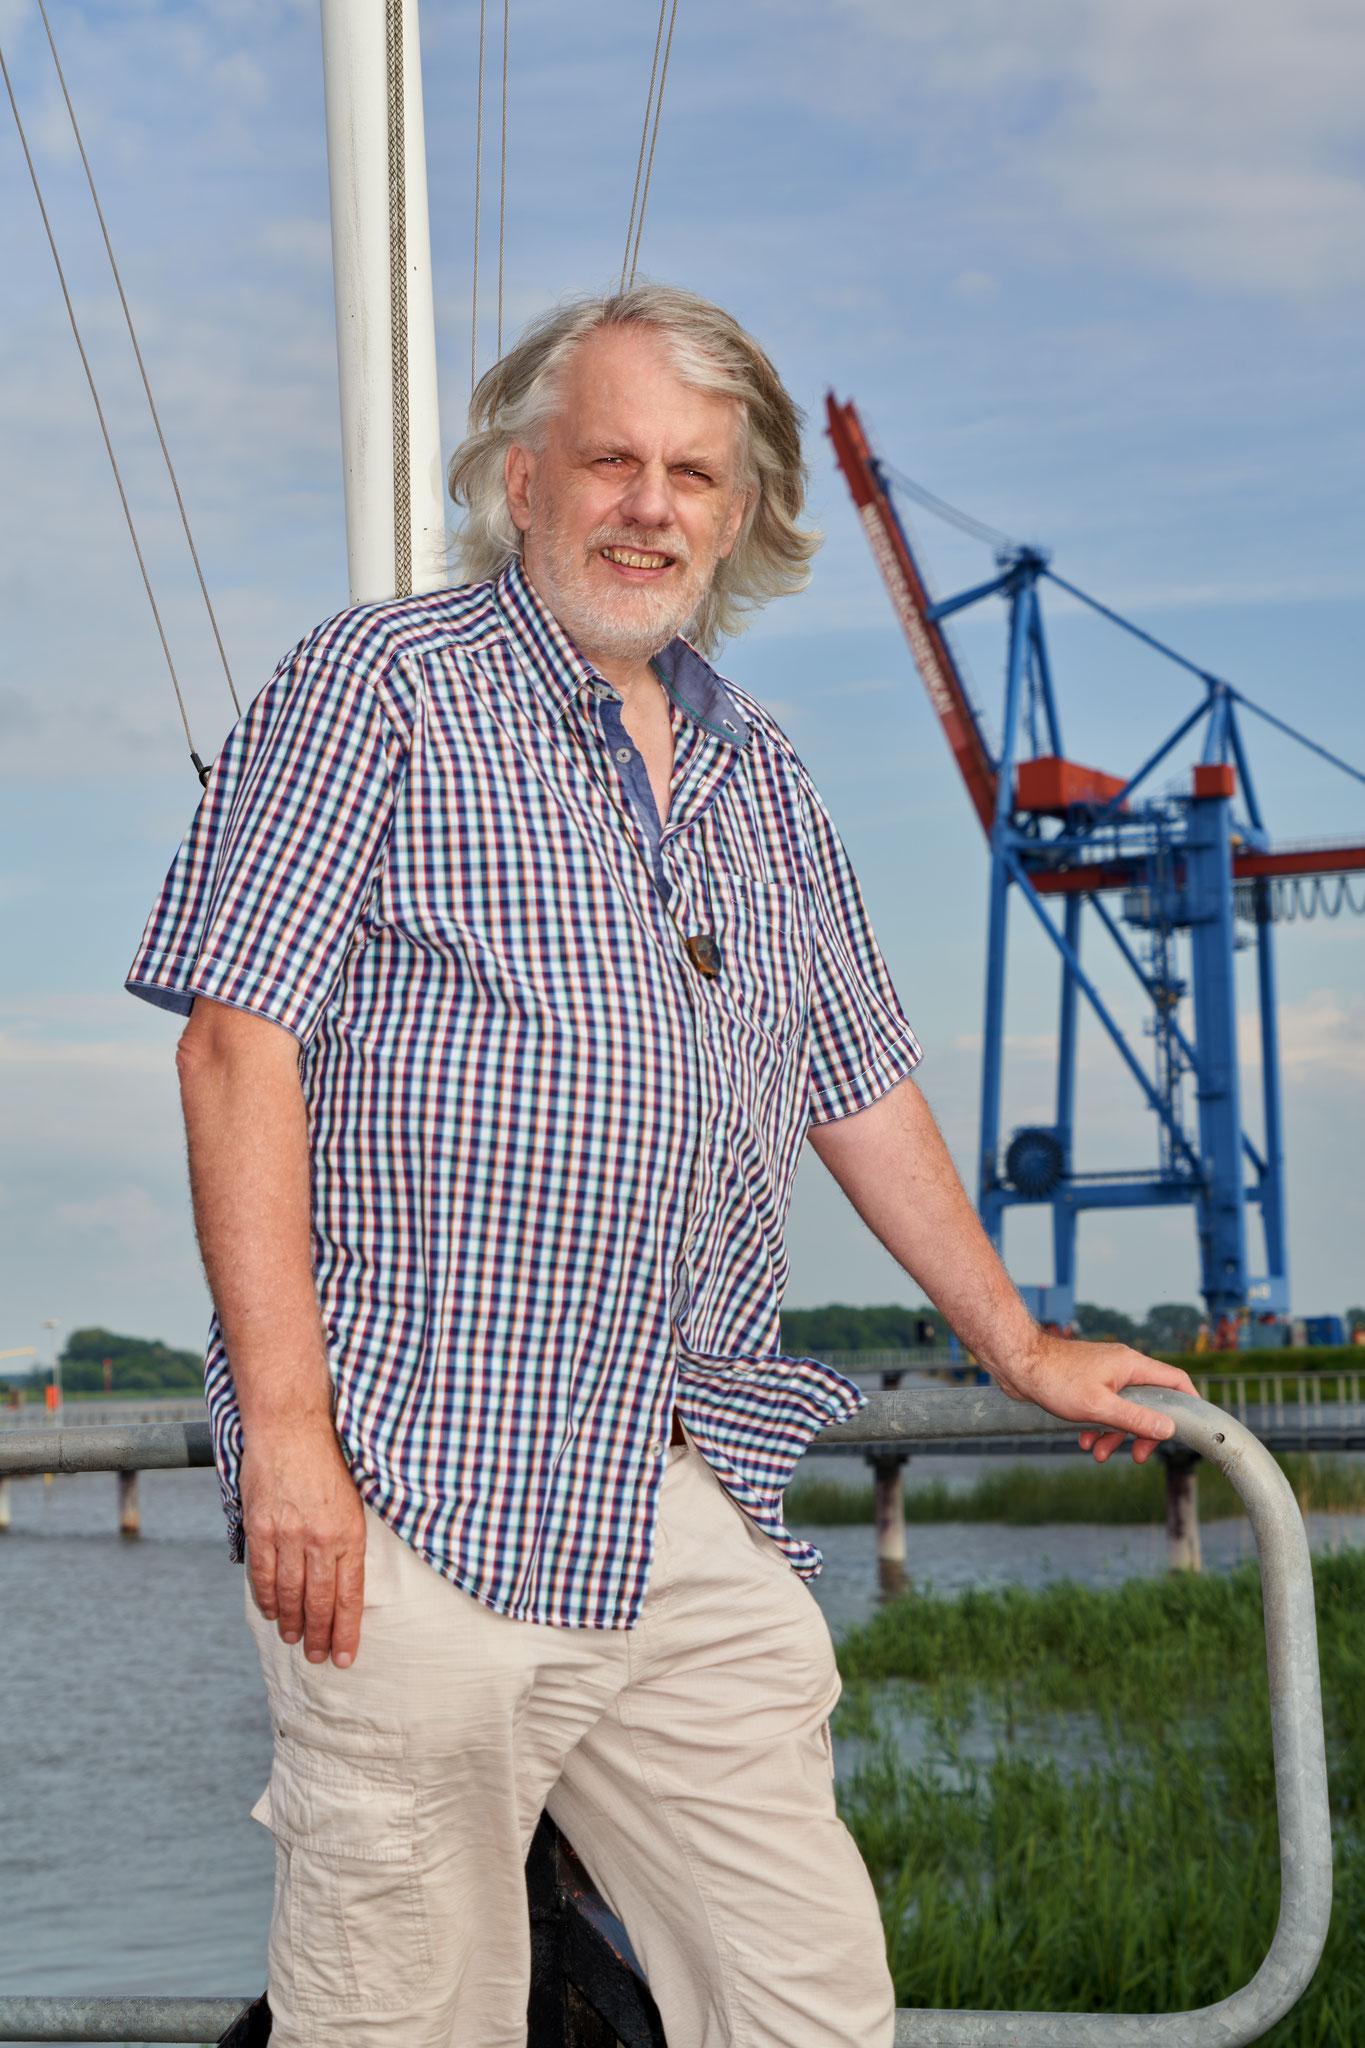 Martin van Meggelen - Unternehmer und Mitglied des Stadtrates